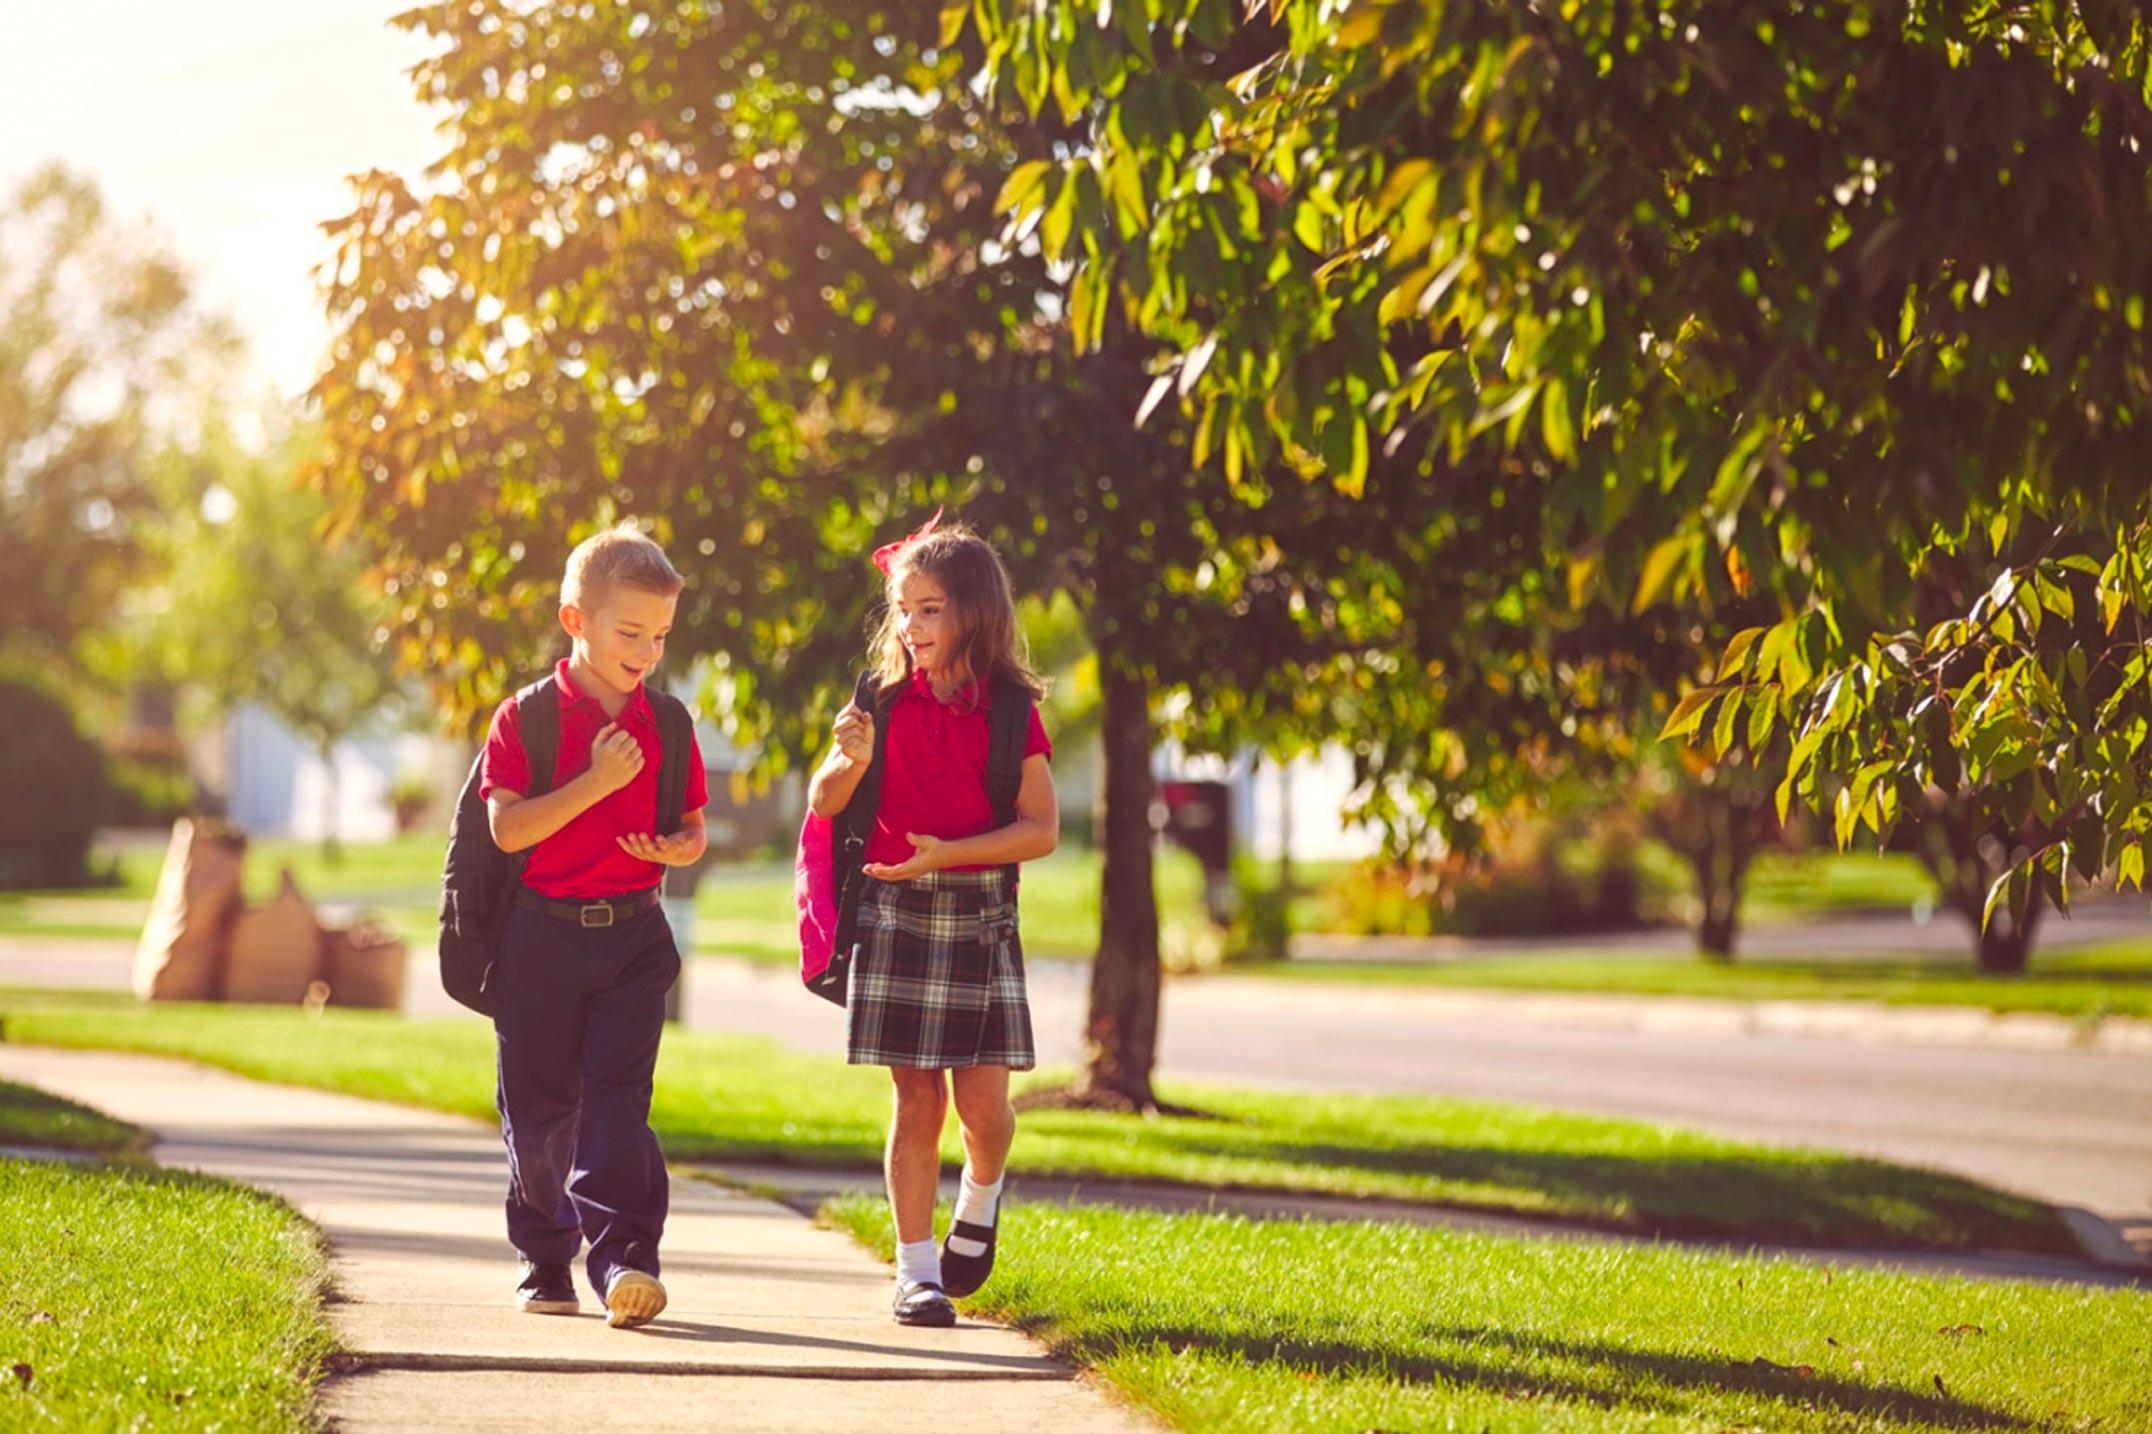 School in Weston, Florida